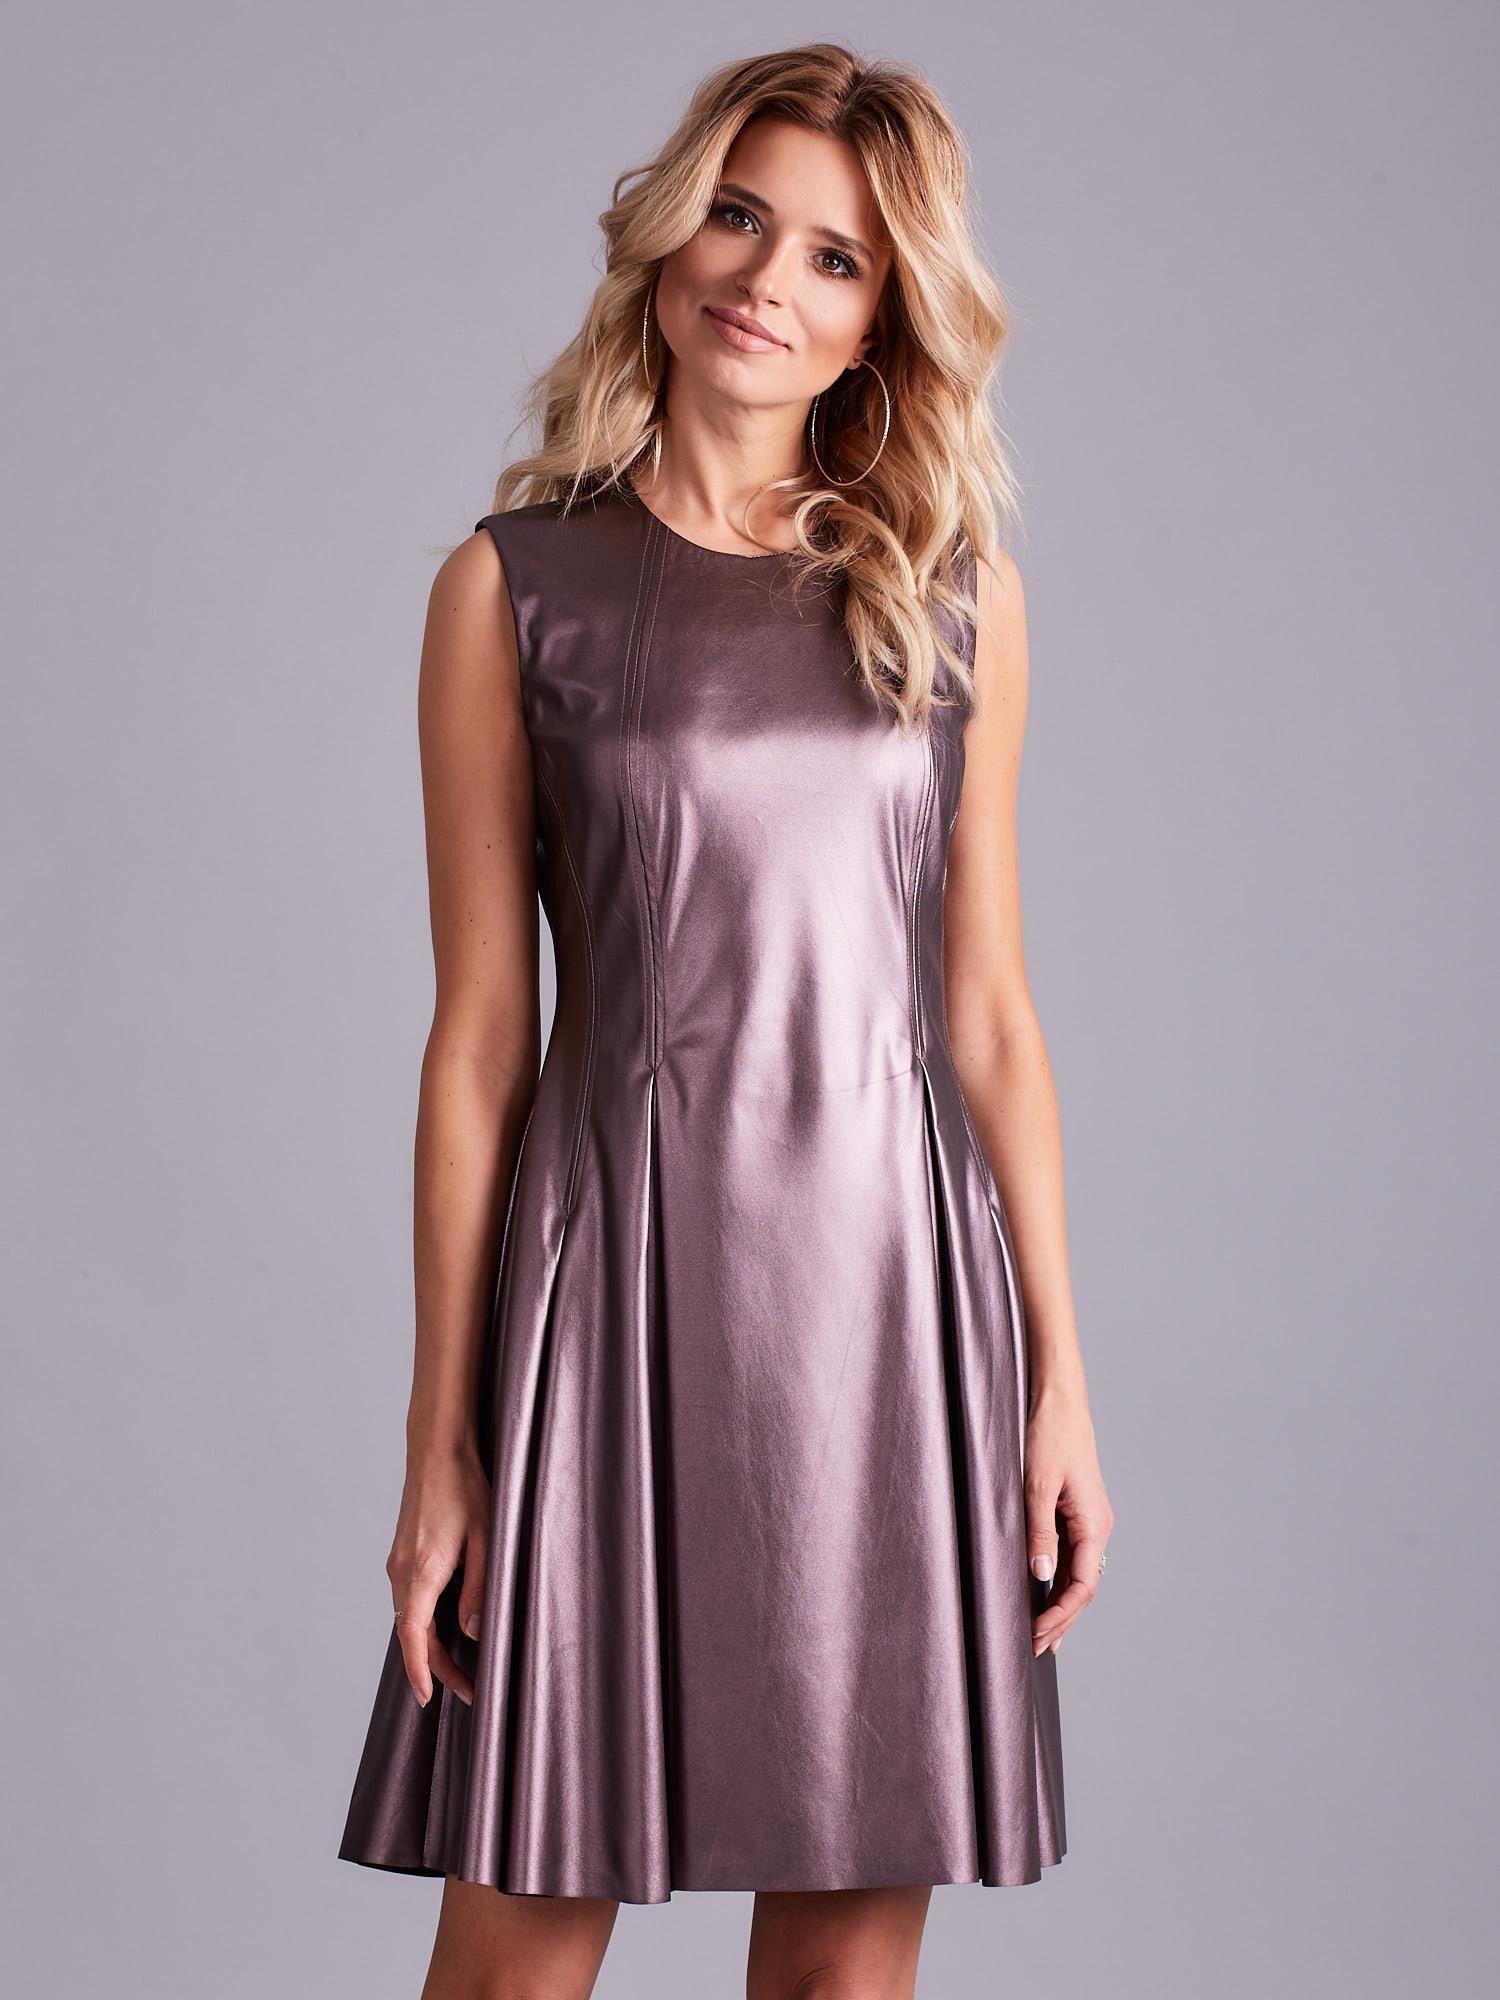 818cbfb09c Fioletowa sukienka z ekoskóry - Sukienka rozkloszowana - sklep eButik.pl